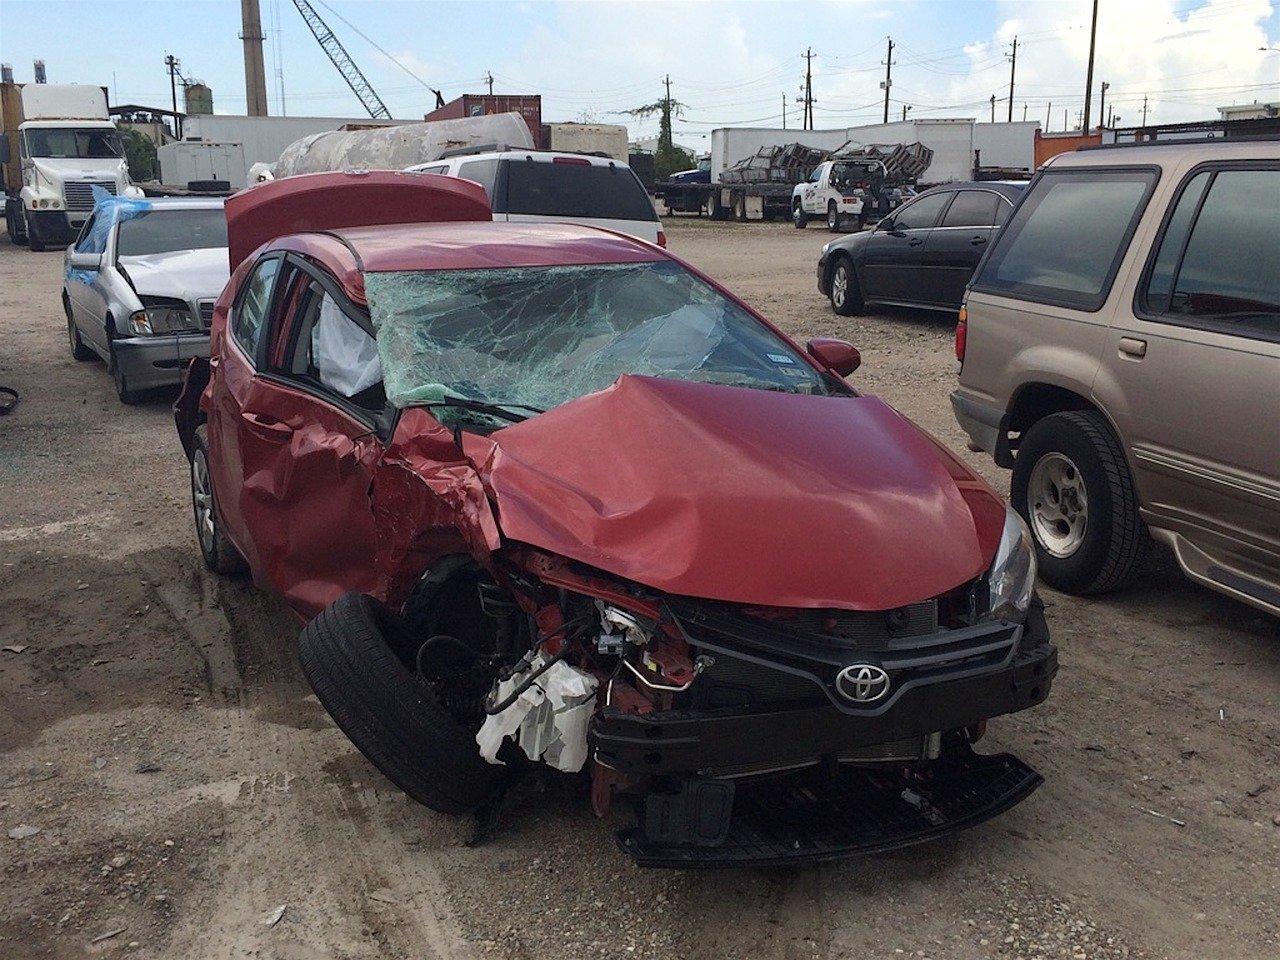 Une voiture détruite lors d'un accident. | Photo : Pixabay